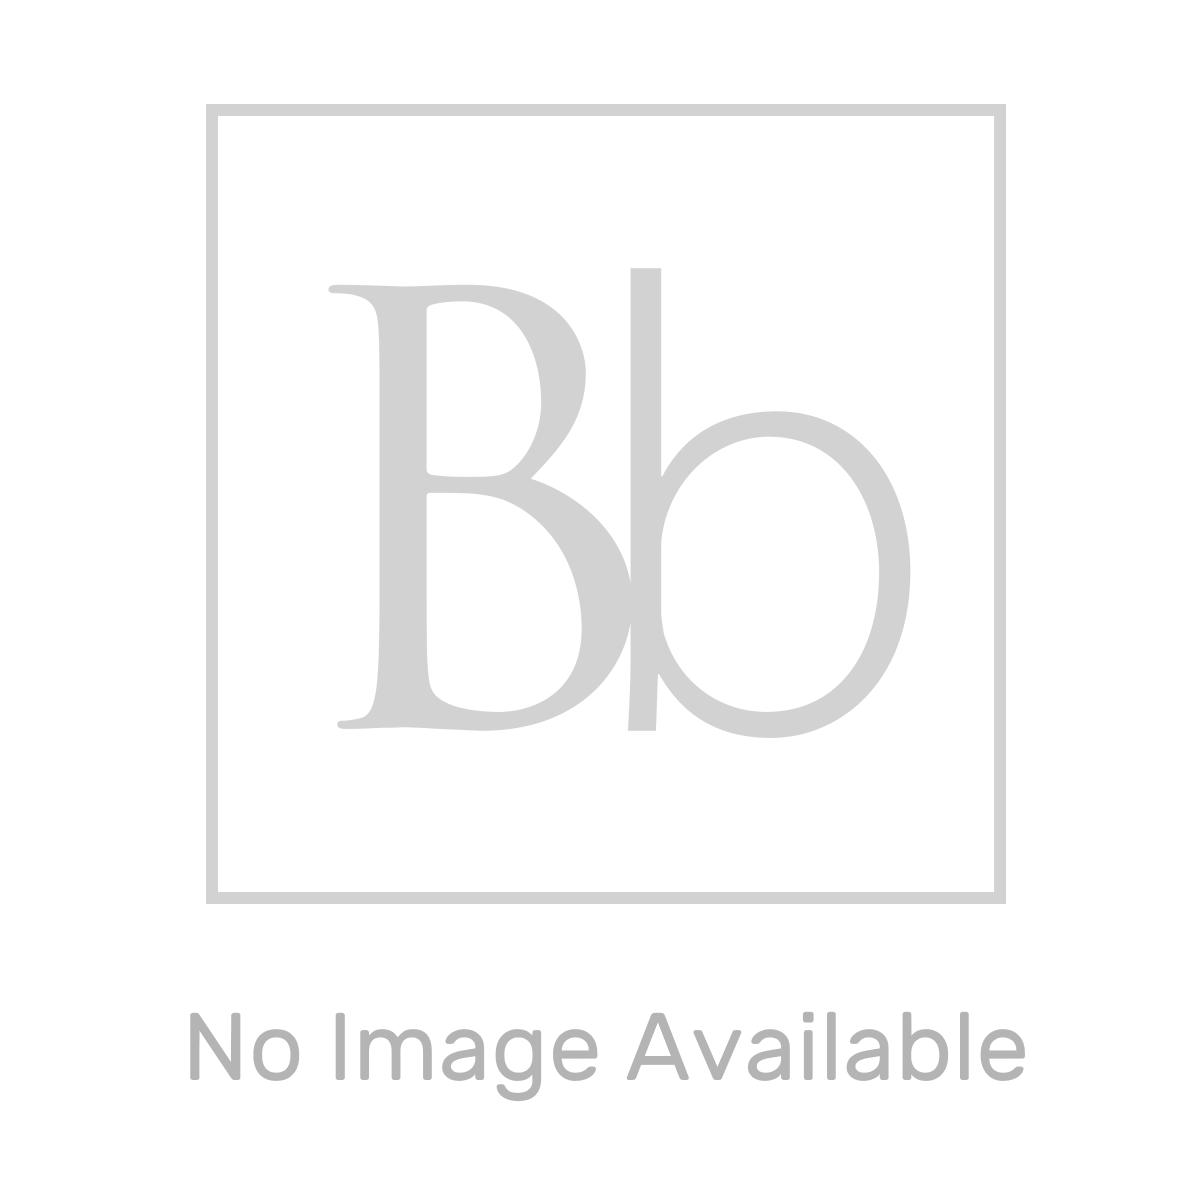 Nuie Athena Gloss Grey Mist 2 Door Floor Standing Vanity Unit with 18mm Profile Basin 600mm